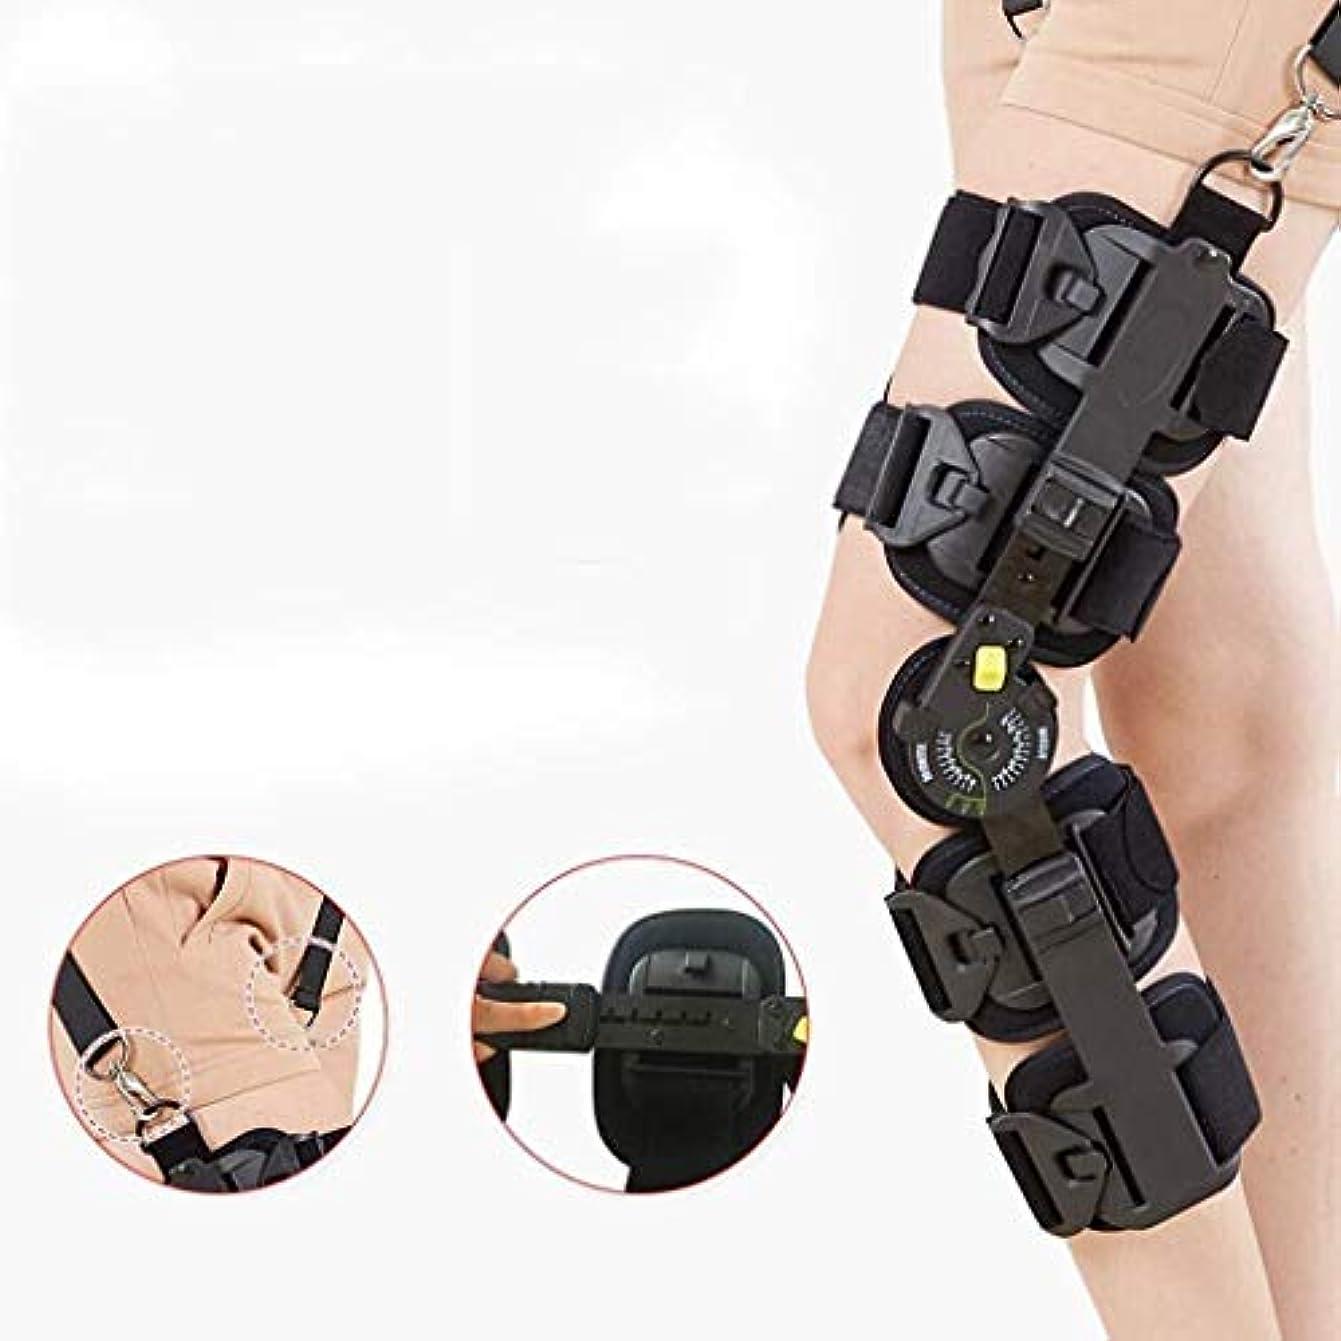 キャンパス補体使役ヒンジ付き膝装具膝固定器装具脚装具整形外科膝蓋骨サポート装具、術後ケア用の半月板靭帯損傷